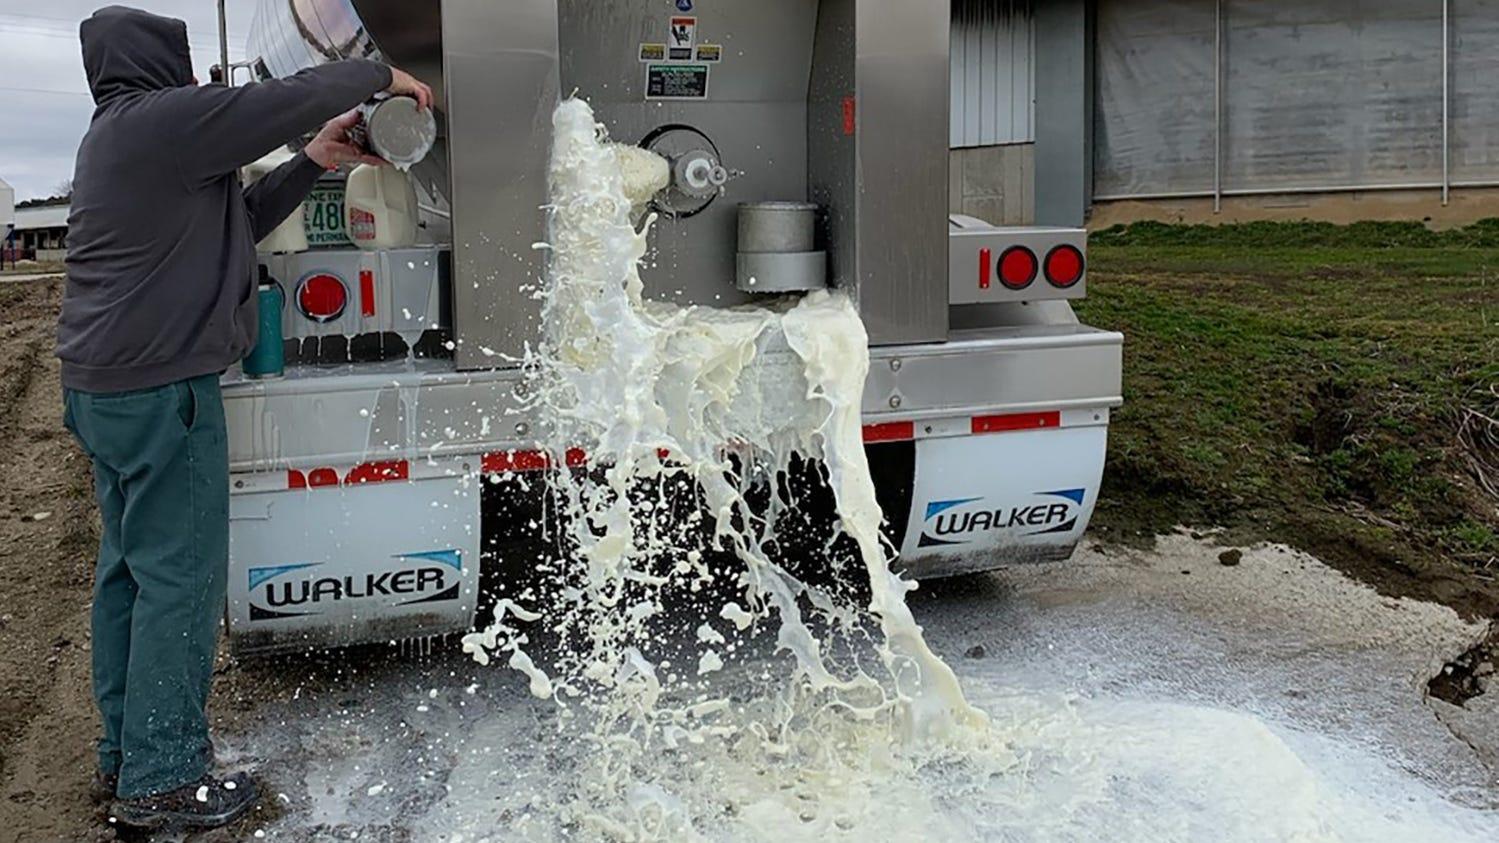 Wisconsin farmers forced to dump milk as coronavirus slams a fragile dairy economy